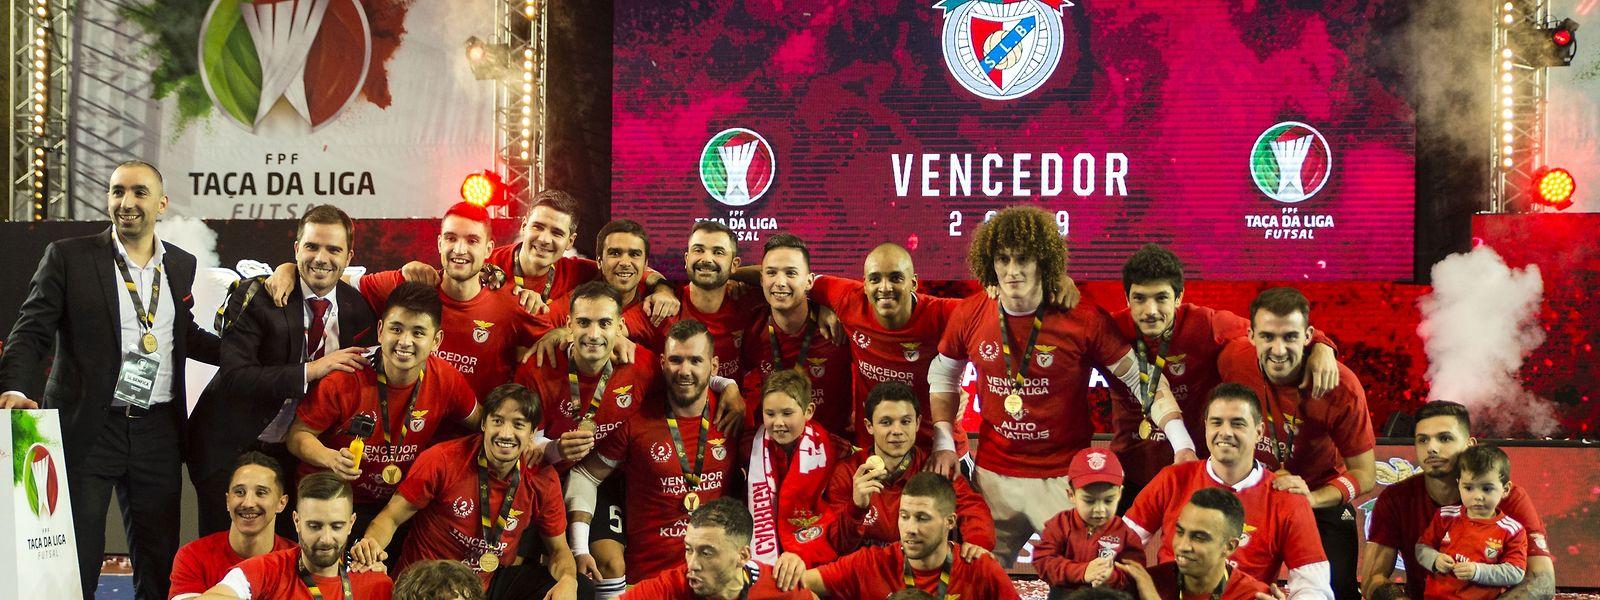 Os jogadores do Benfica festejam a conquista da Taça da Liga de Futsal após vencerem o Sporting de Braga no jogo da final disputado em Sines.